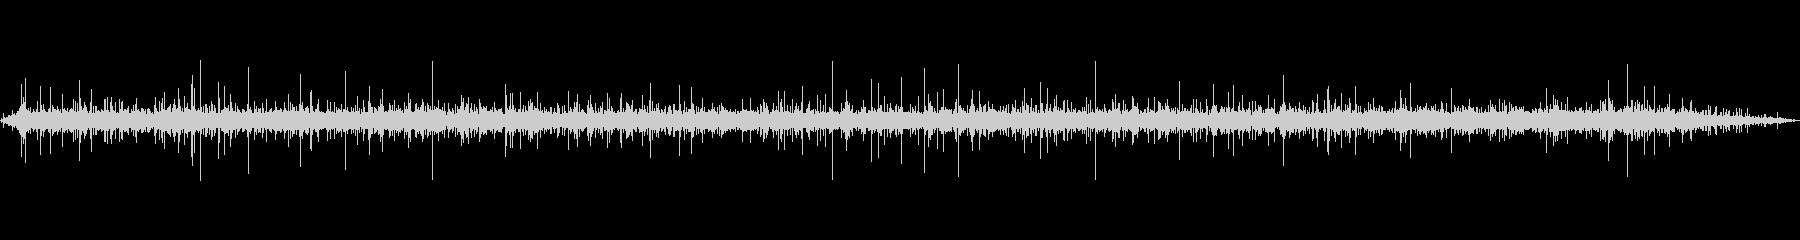 川 小川の流れる音 せせらぎの効果音01の未再生の波形